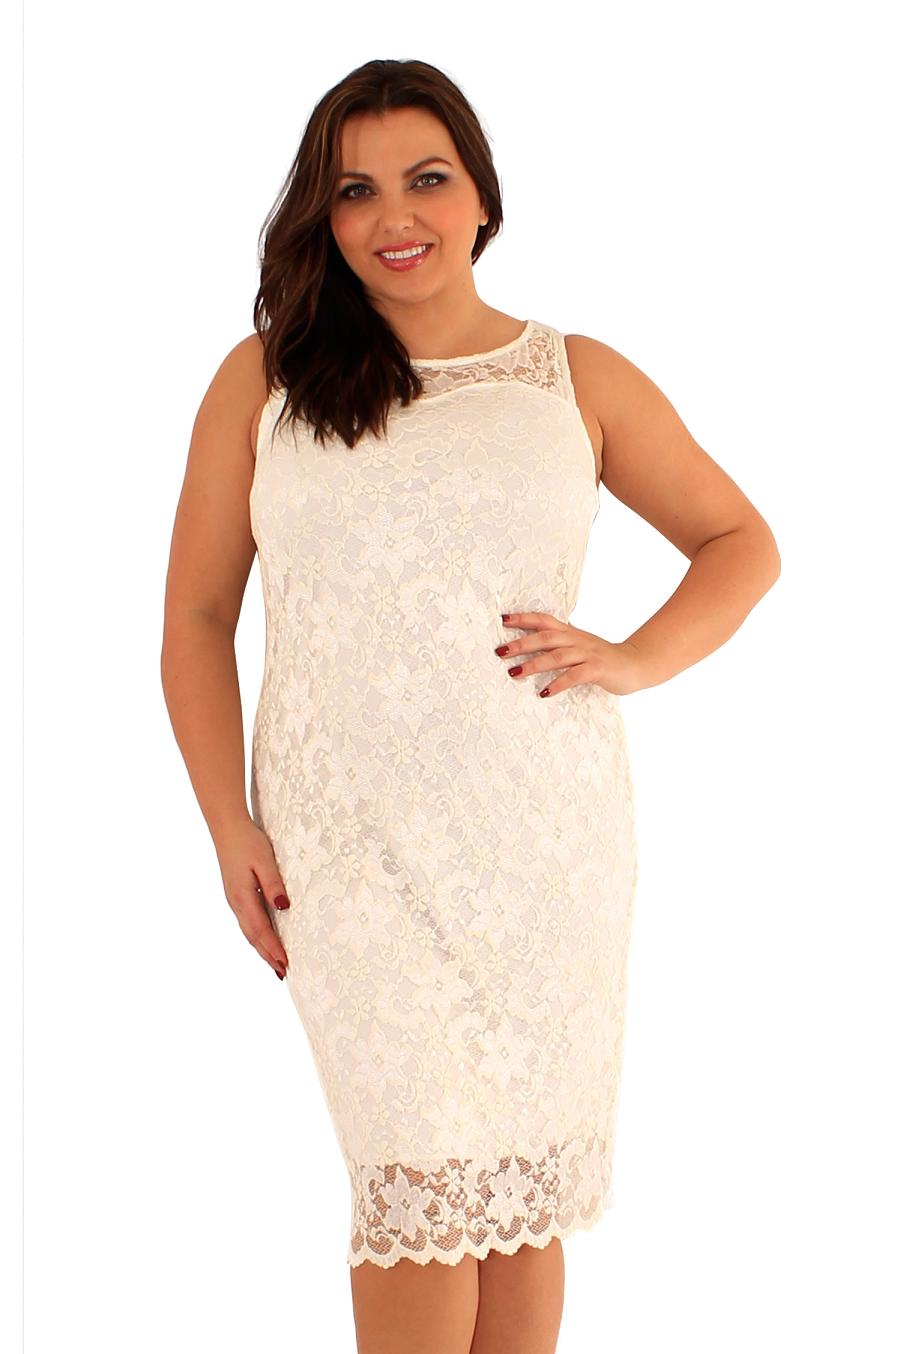 53b4463993 Śliczna sukienka z koronki w kolorze ecru 48 na Bazarek.pl